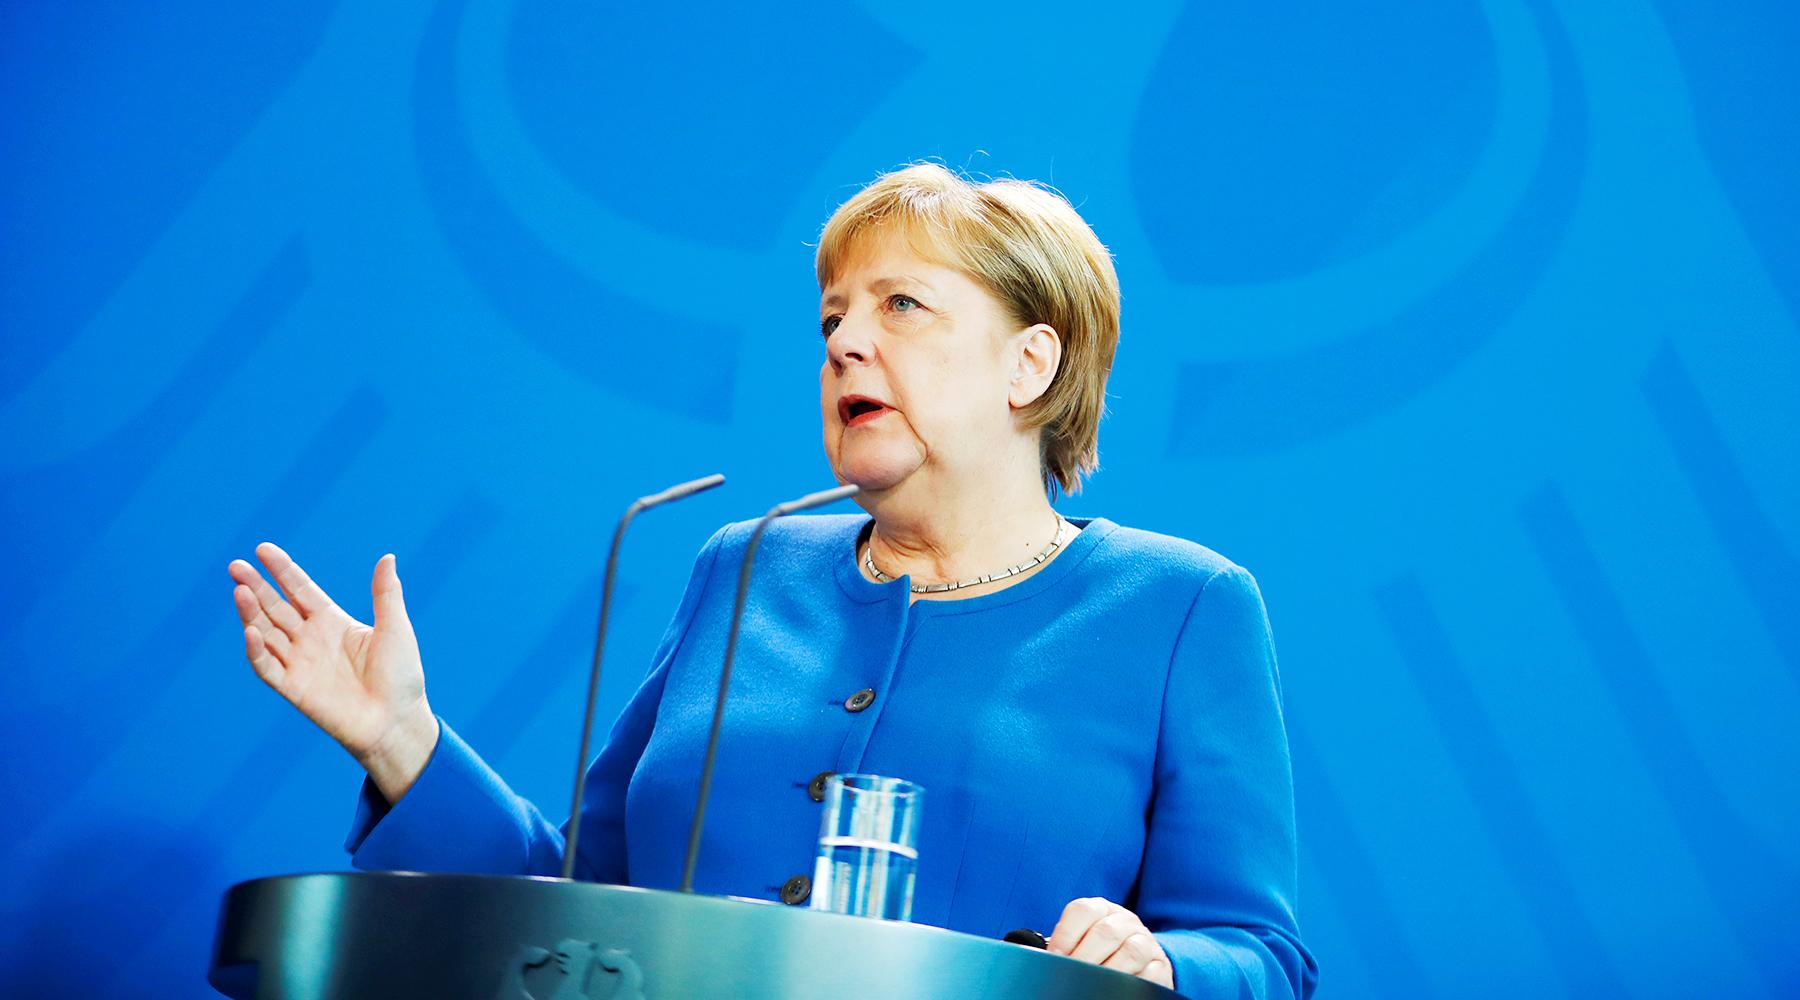 «ФРГ могла проявить больше воли»: почему оппозиция обвинила Меркель в «капитуляции» по вопросу «Северного потока — 2»